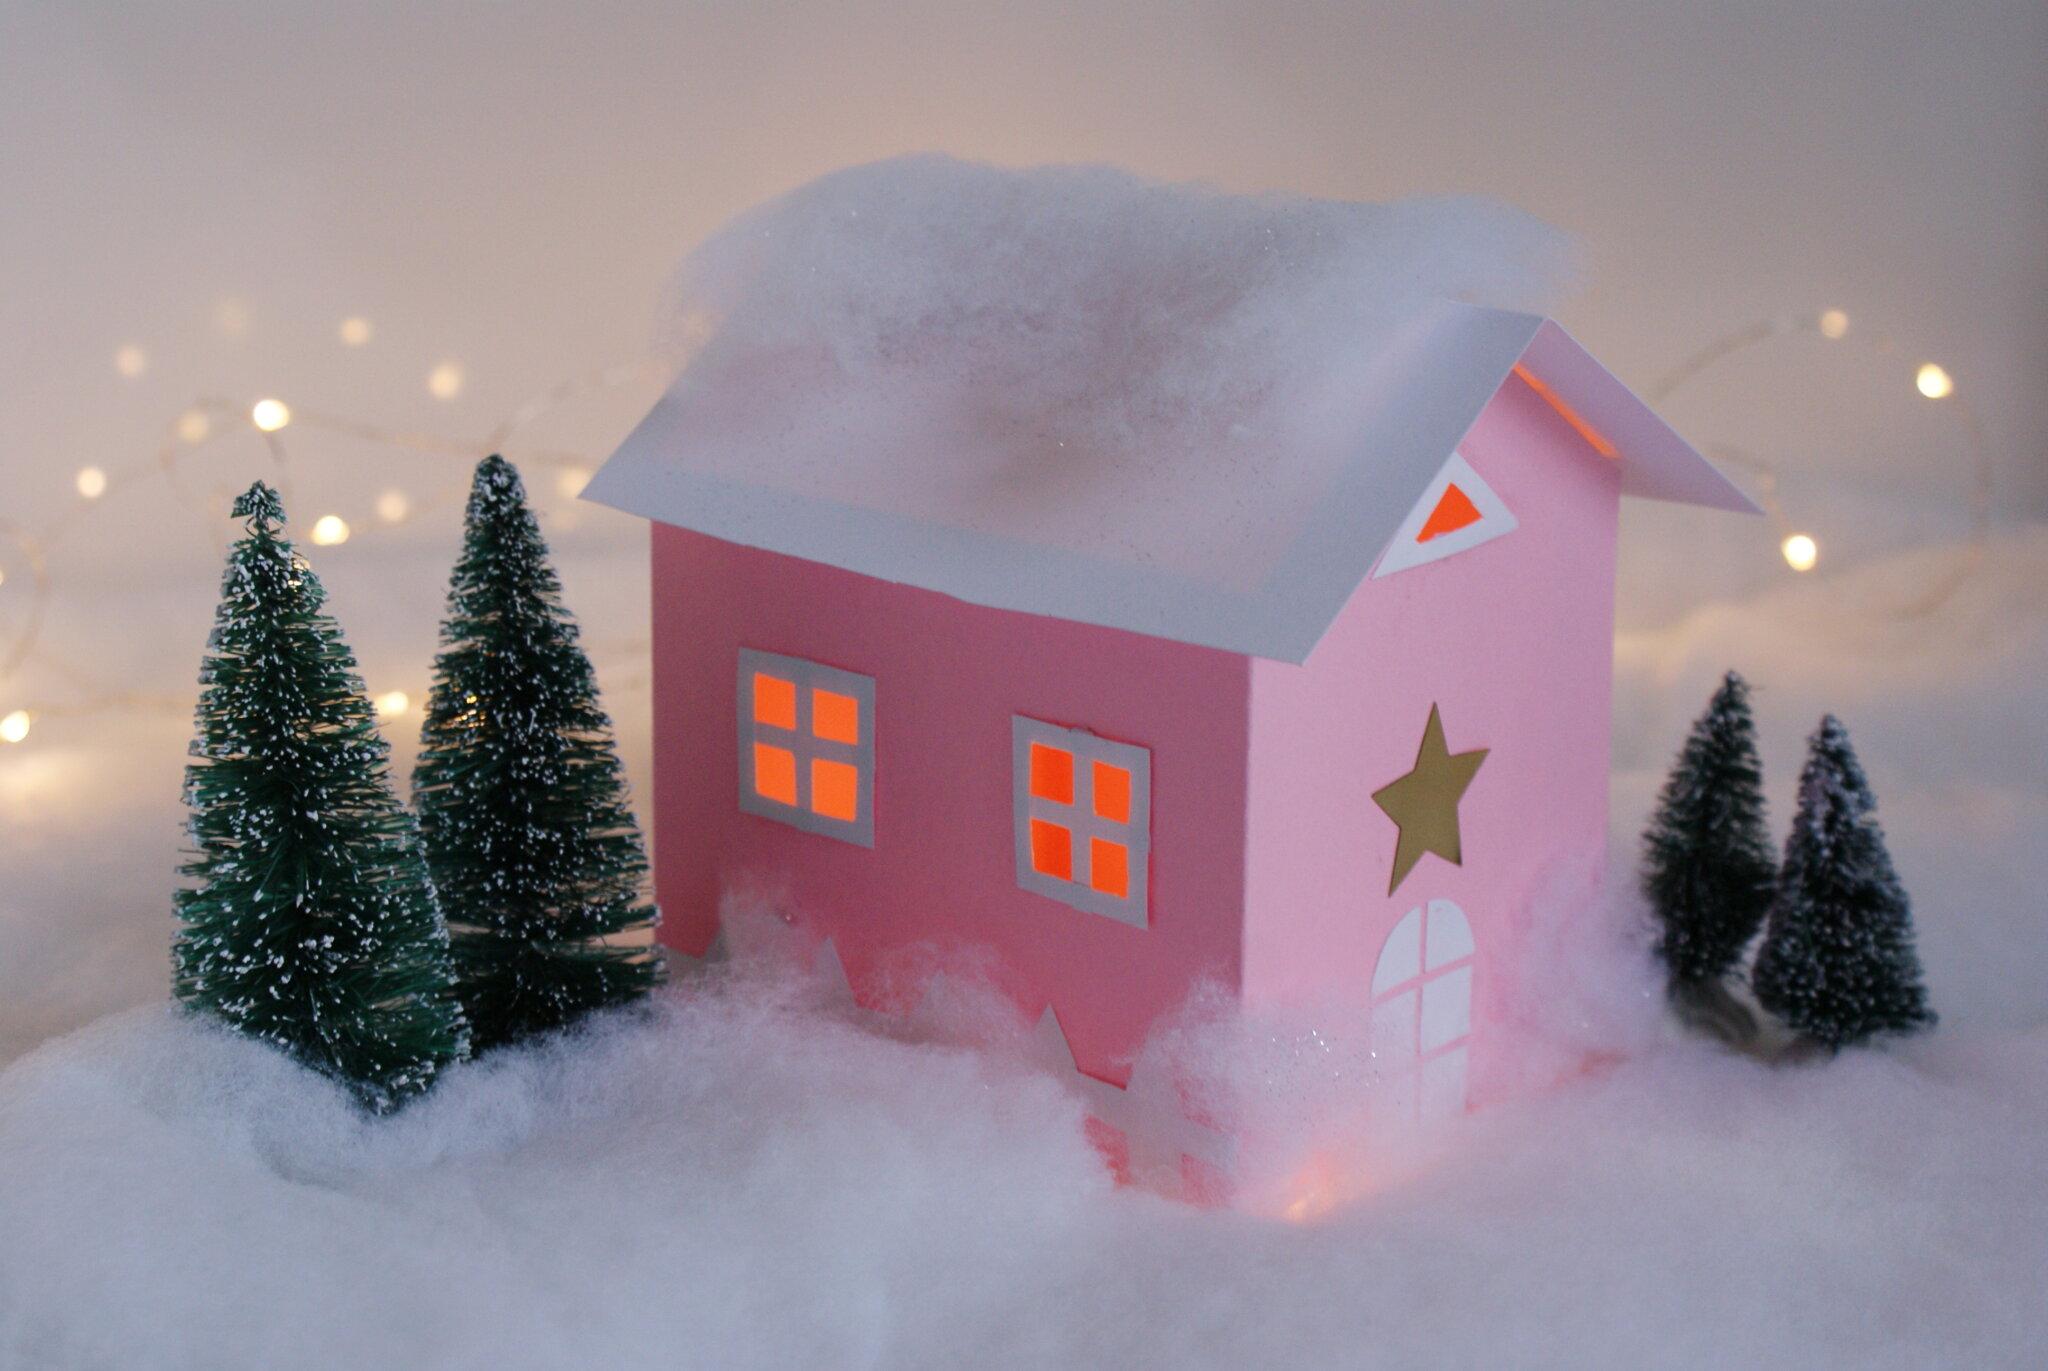 casetta natale natalizia decorazione carta fai da te villaggio mini diy tutorial facile francinesplaceblog